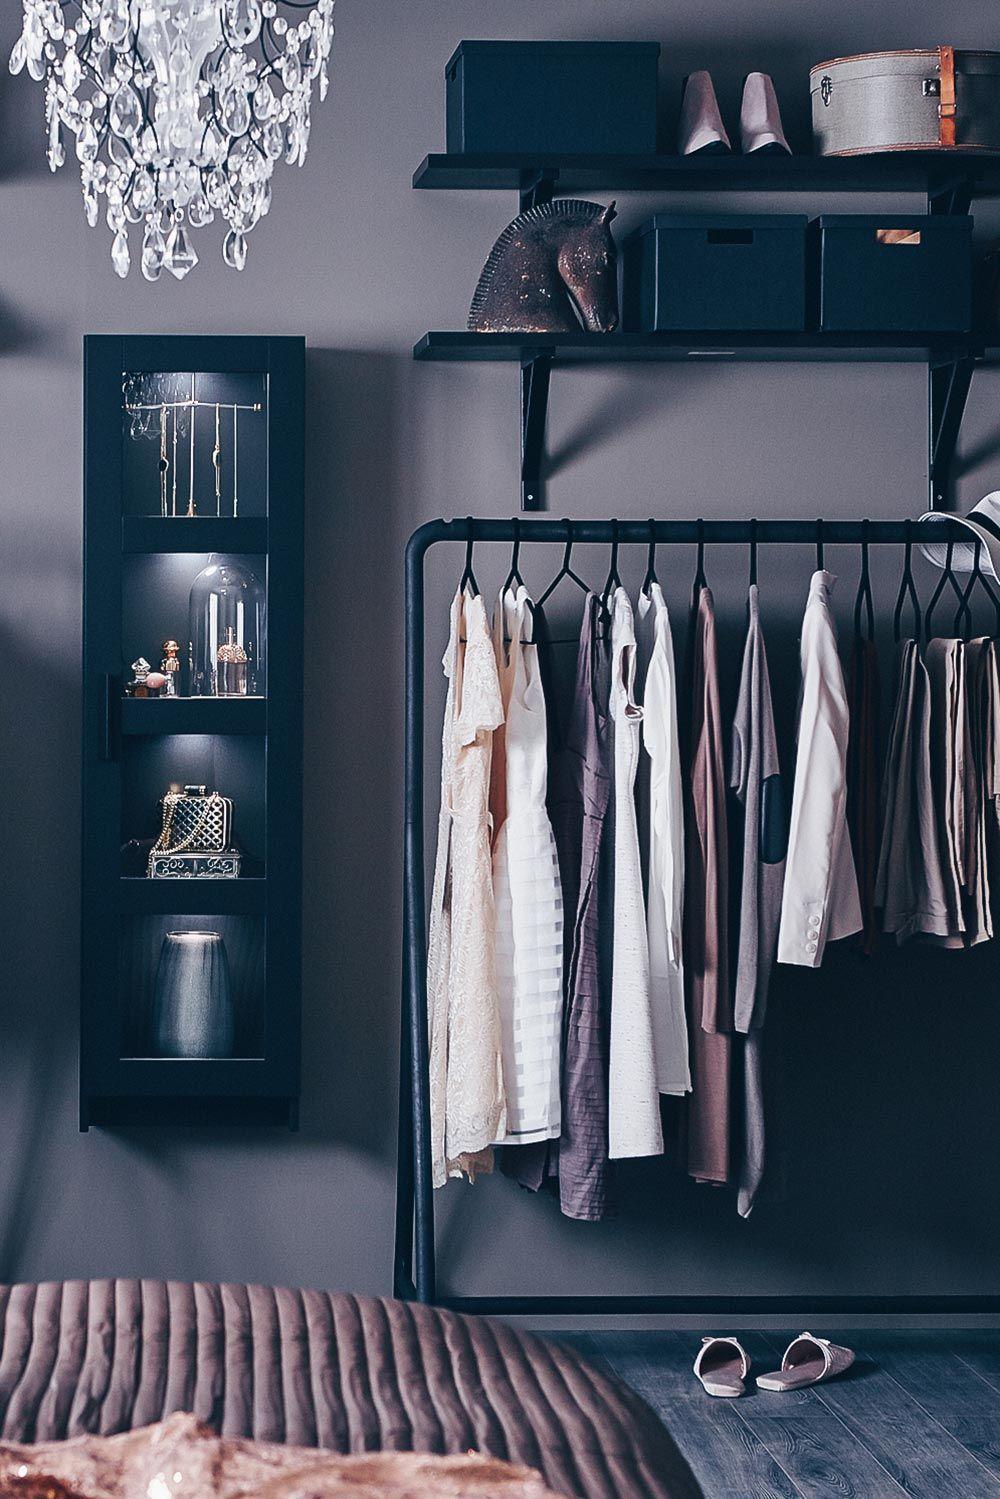 Ankleidezimmer ideen ikea  7 Tipps und praktische Ideen für ein stilvolles Ankleidezimmer ...